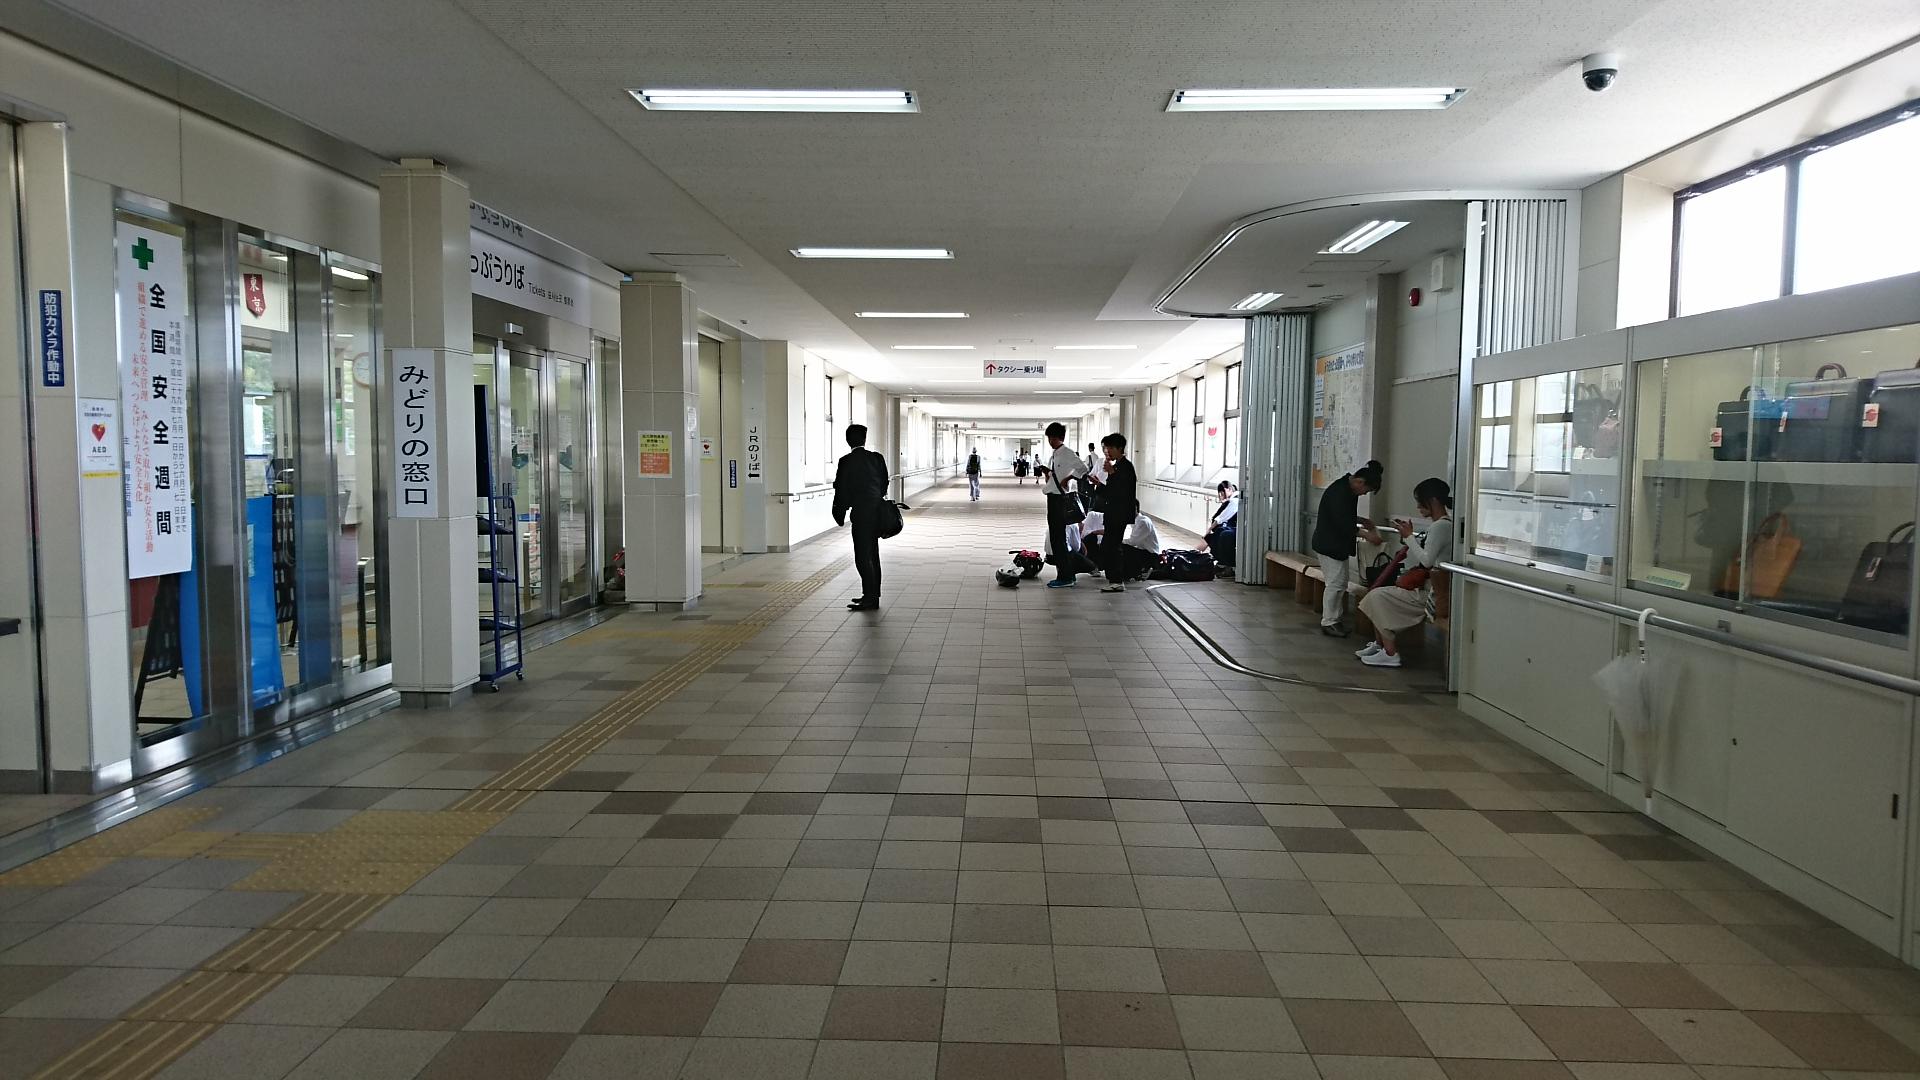 2017.6.3 豊岡 (74) 豊岡=橋上自由通路 1920-1080